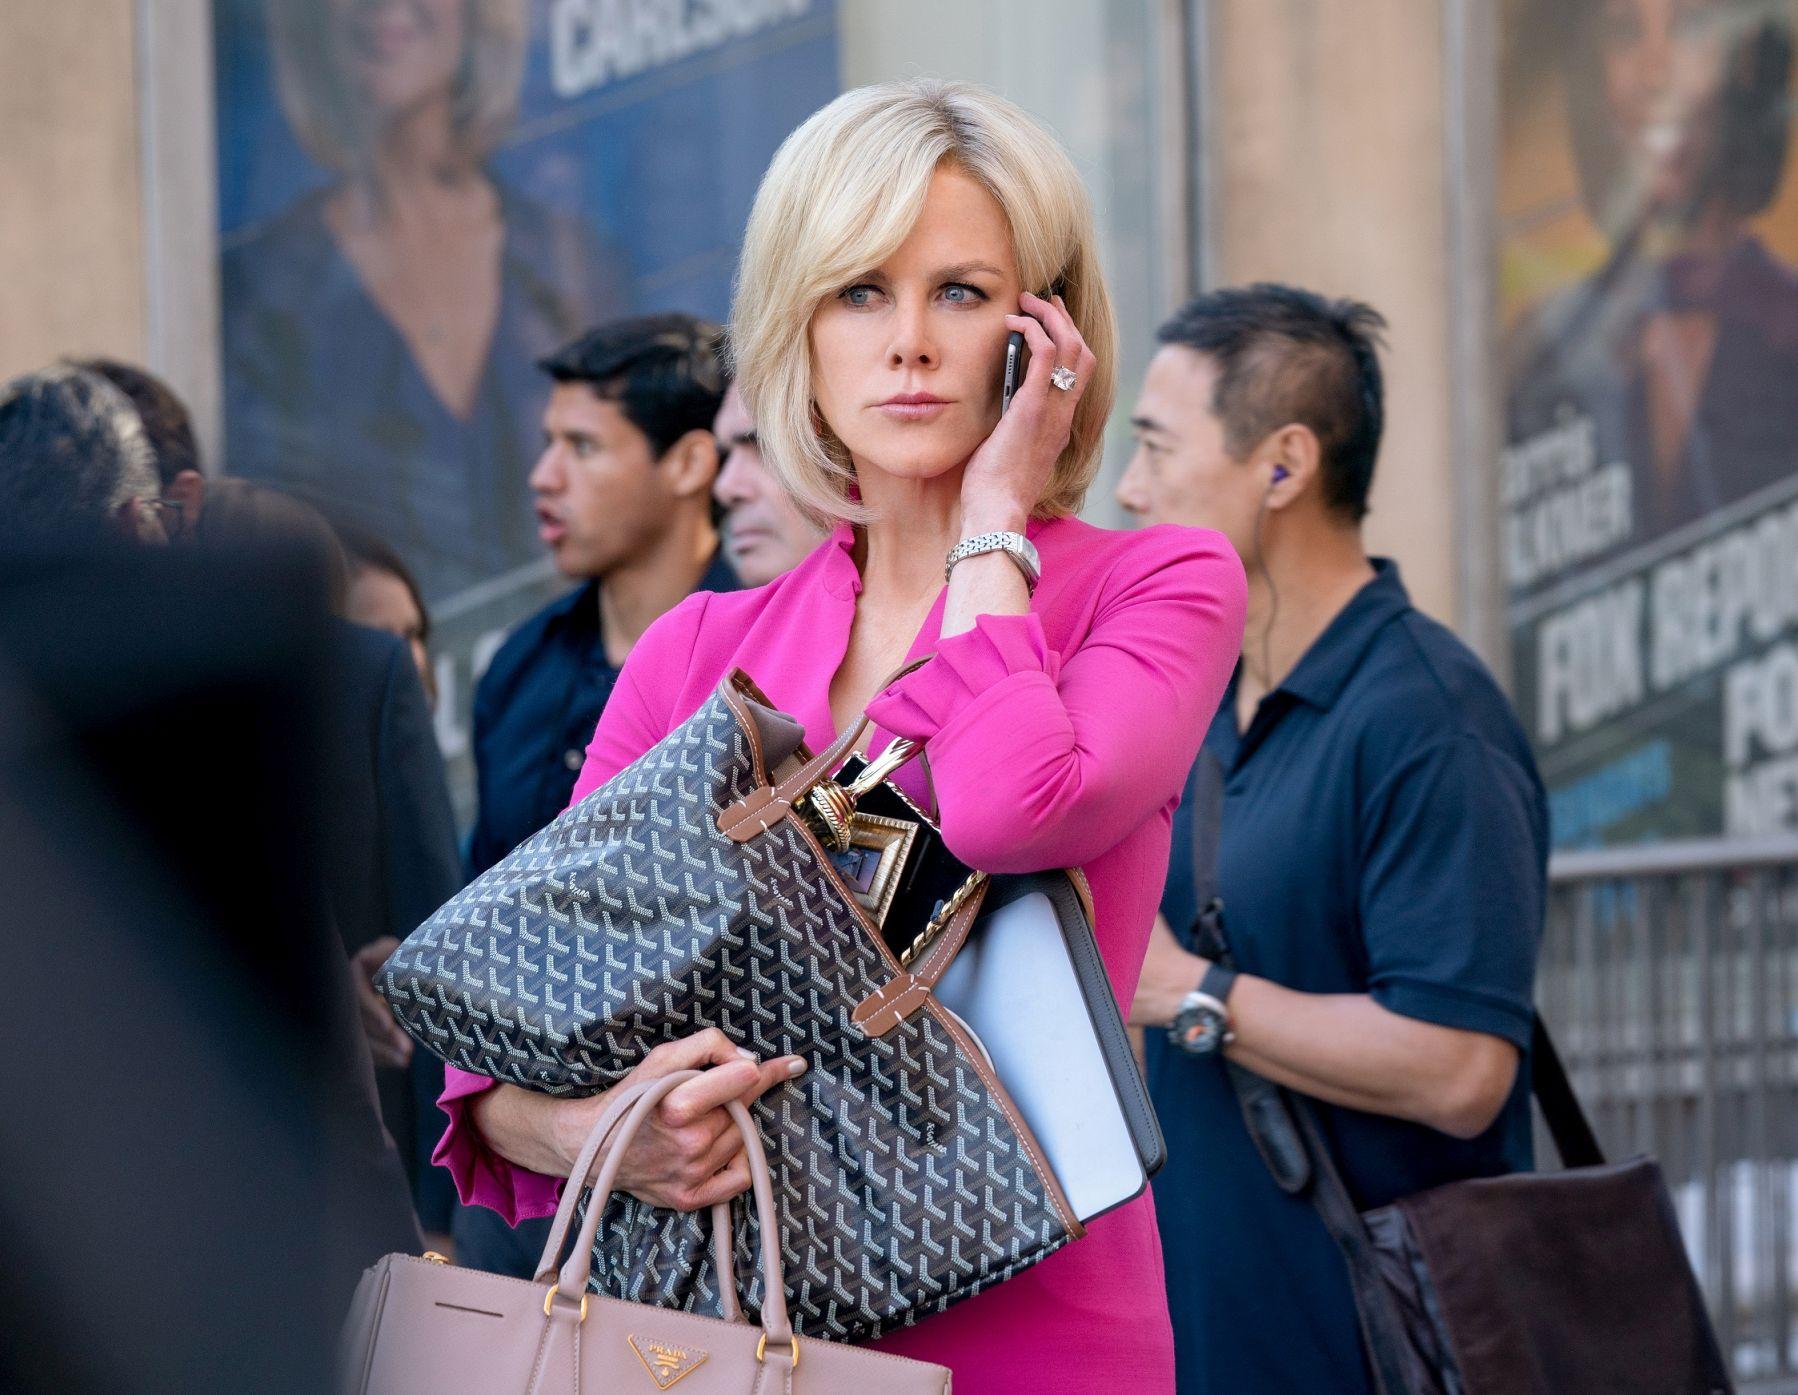 Bombshell - La voce dello scandalo: Nicole Kidman in una scena del film